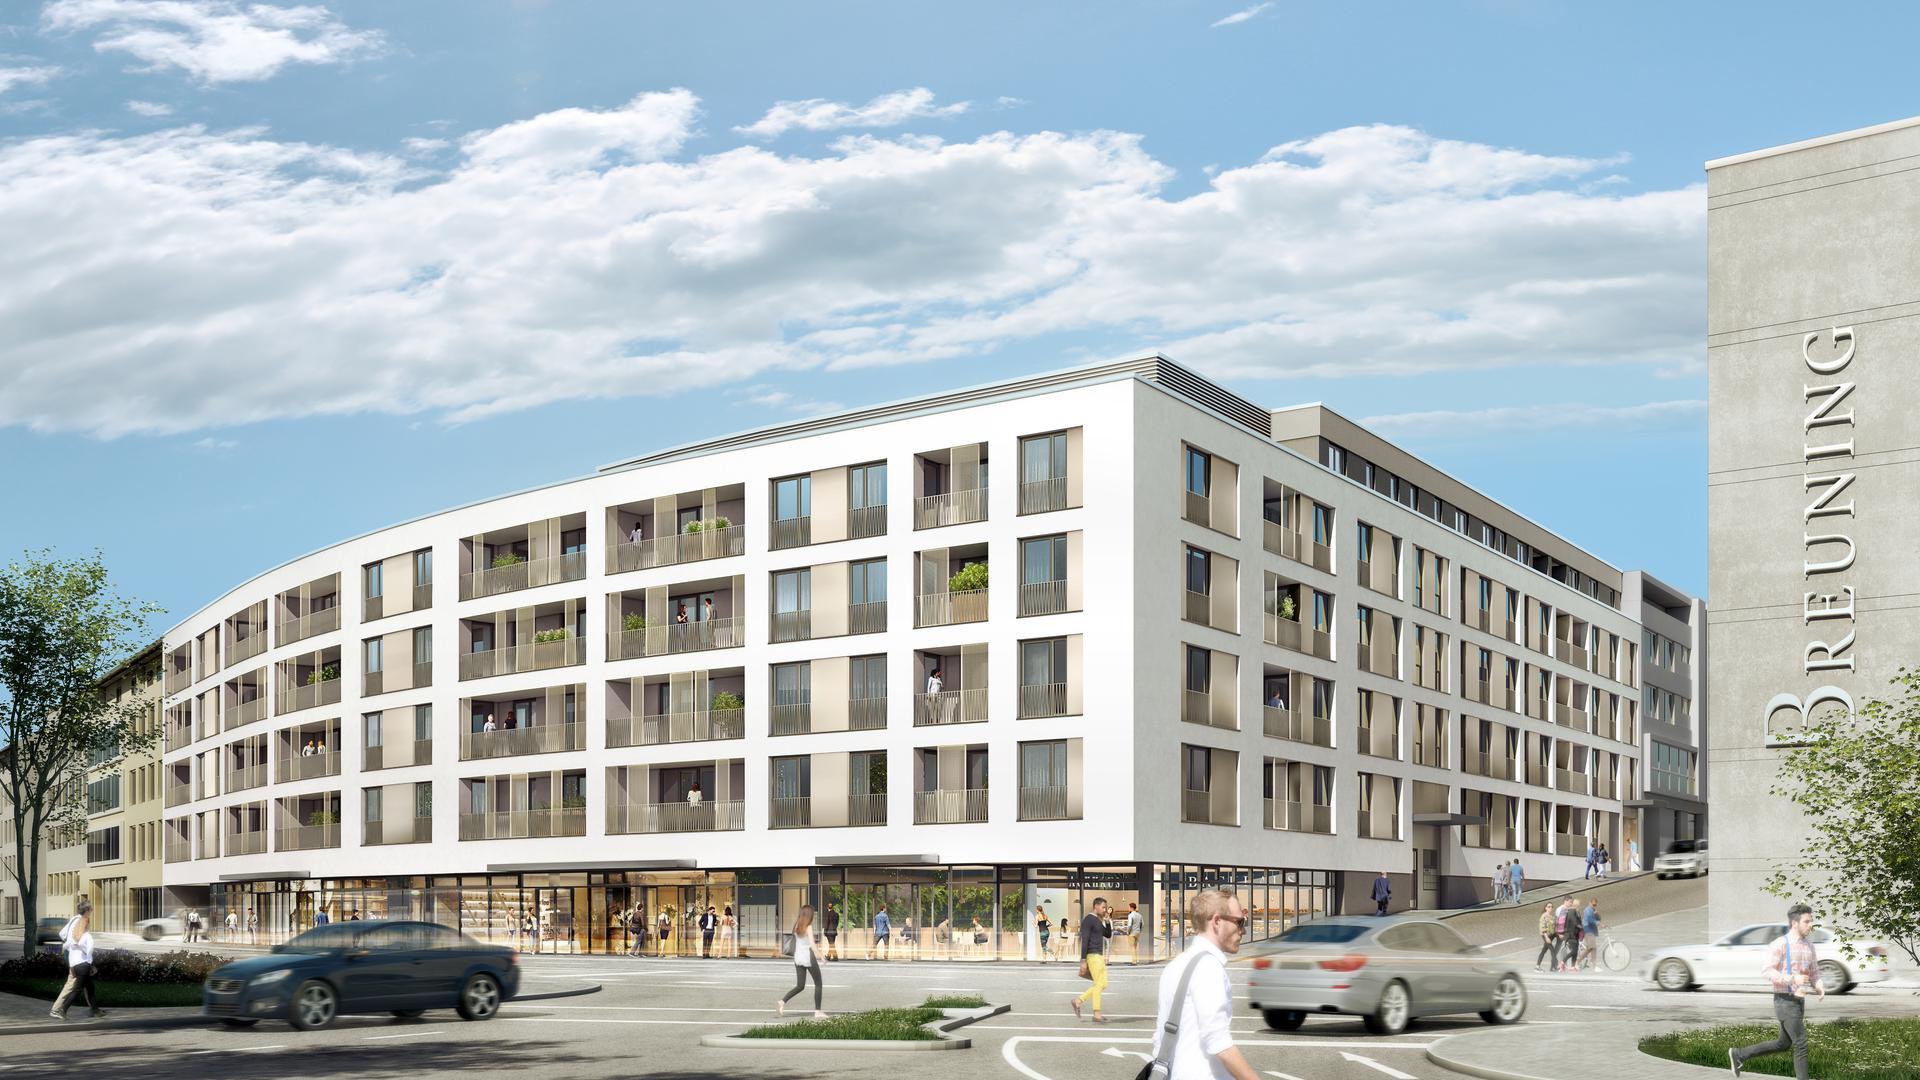 Visualisierung eines Wohnkomplexes an der Kreuzung Durlacher Straße/Belfortstraße in Pforzheim, wo auch dei Trauringfirma Breuning zu finden ist. Bauherr ist die PHEROH Projektentwicklungs GmbH.